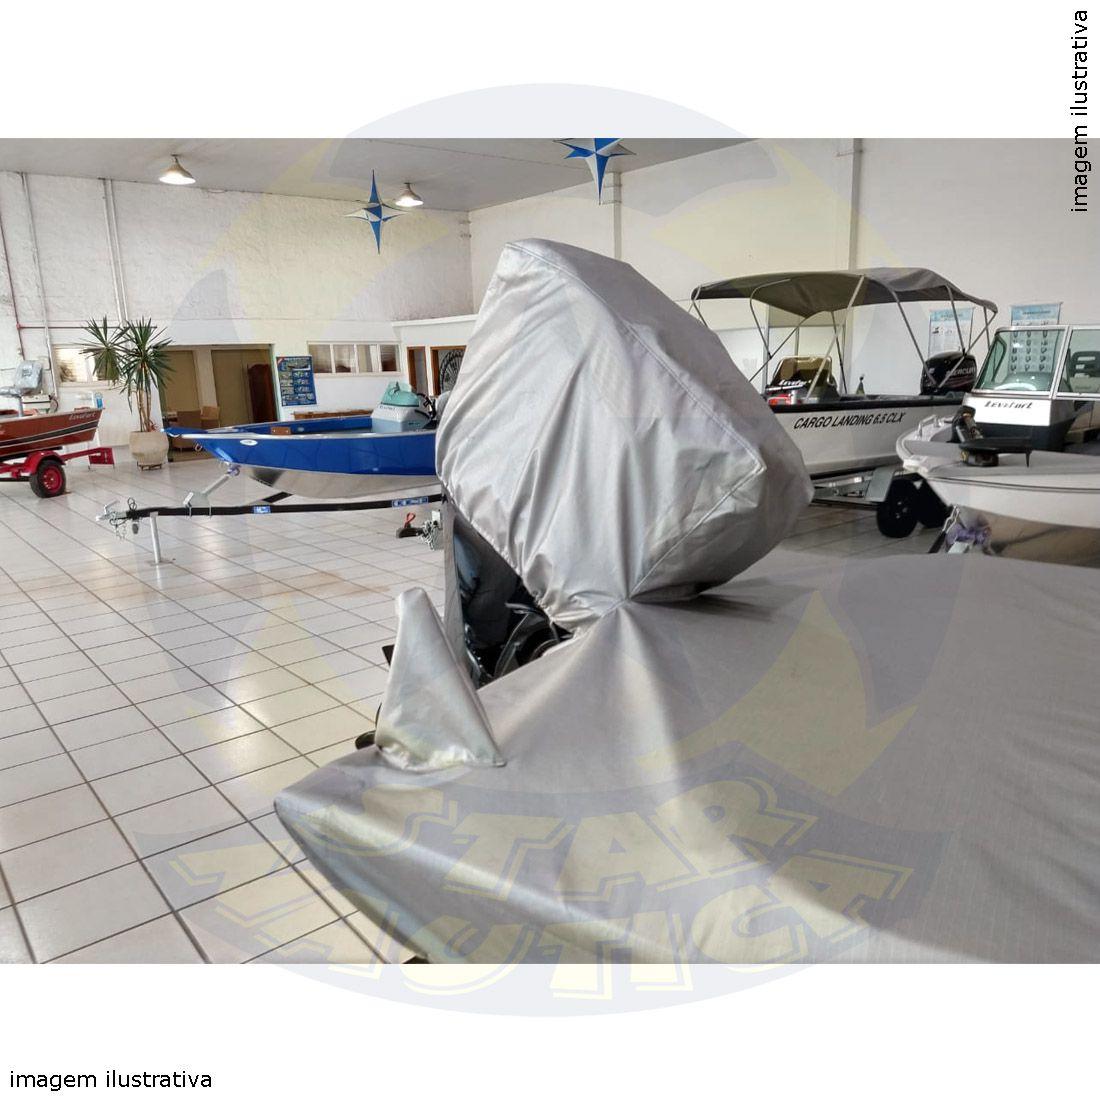 Capa Lona de Cobertura Lancha Marajó 19 Machine Lona Metalizada